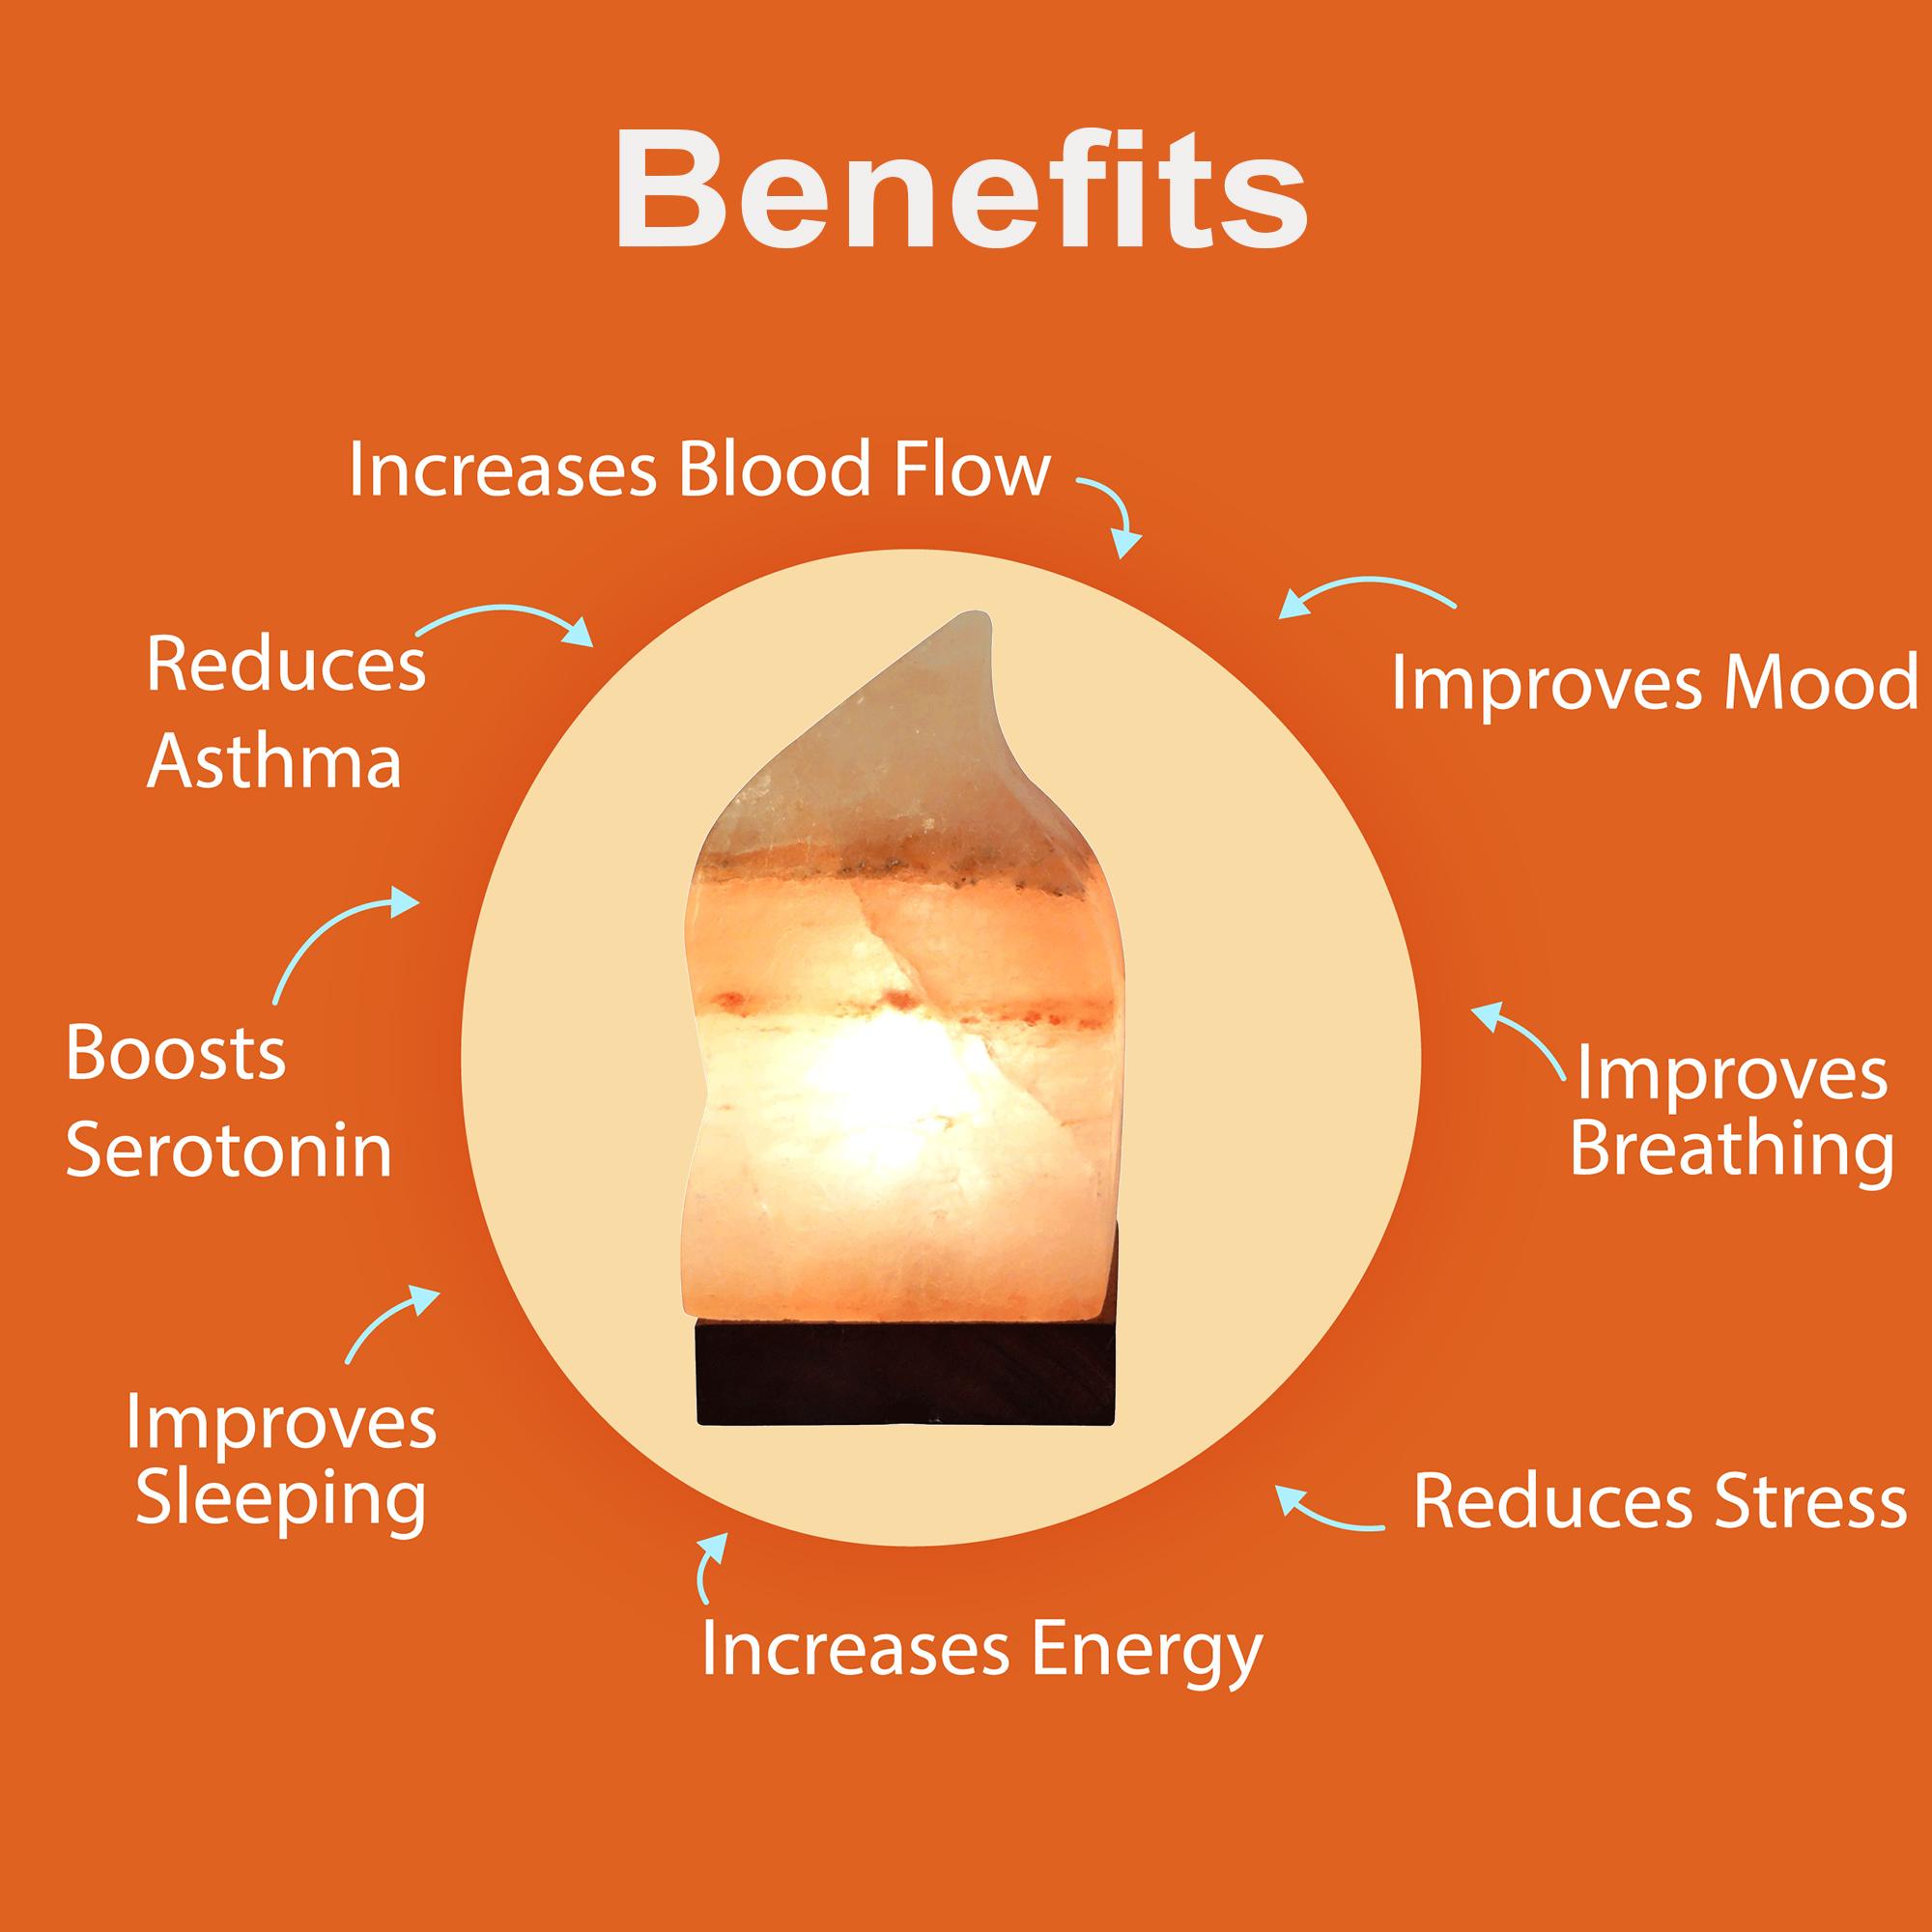 7 benefits 56 - Saltpur Himalayan Salts